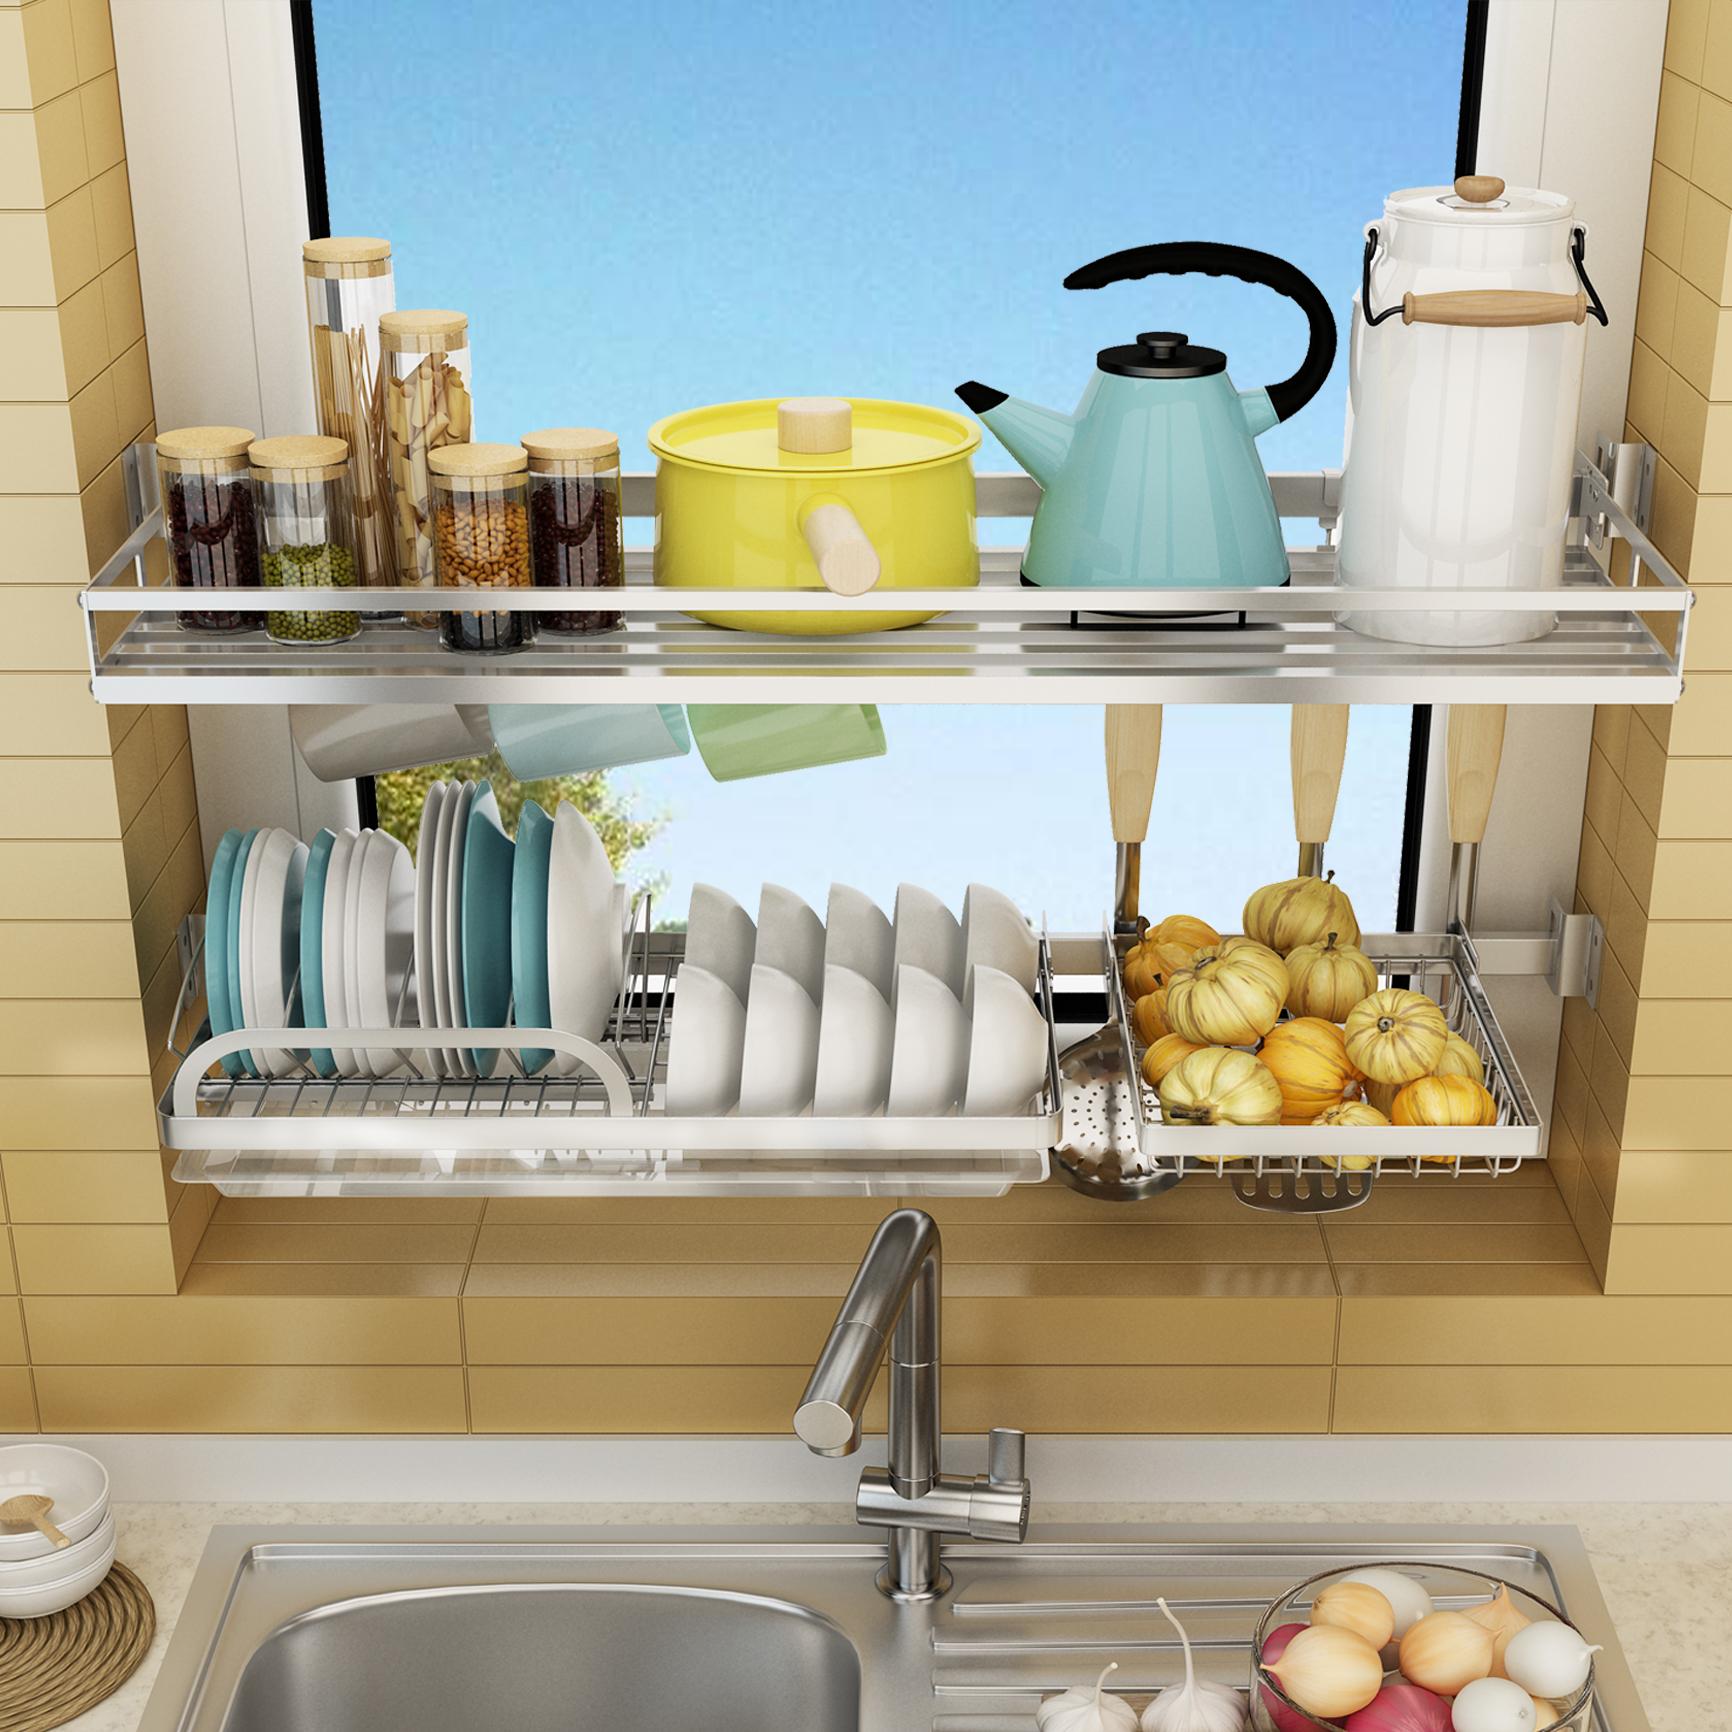 厨房窗台304不锈钢放碗置物架碗筷沥水架盘子锅具收纳架窗户挂架限时秒杀